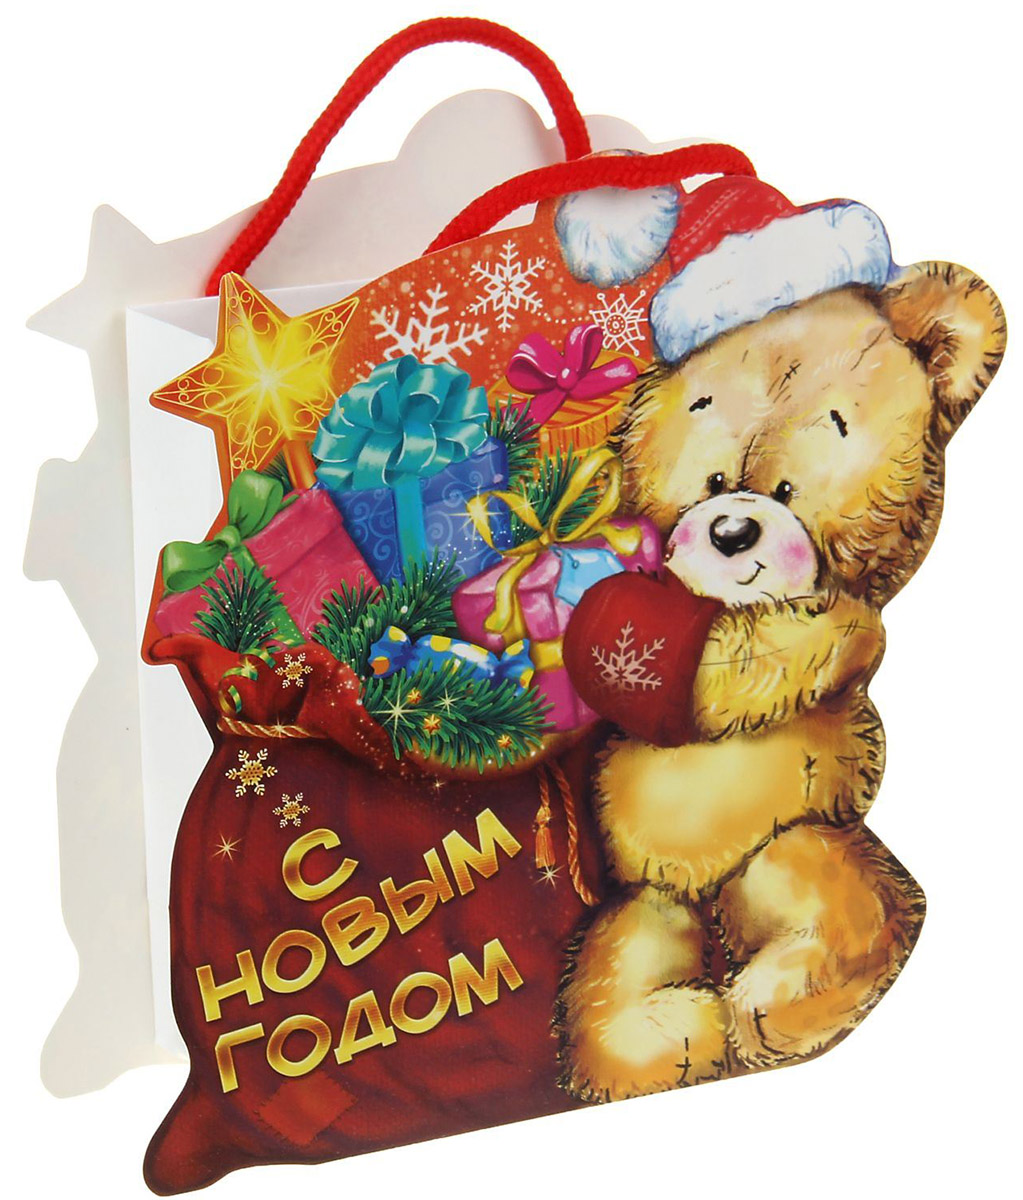 Пакет-открытка Sima-land Мишка с подарками, 12 х 15 см1059630Подарочный пакет-открытка Sima-land, изготовленный из плотной бумаги, станет незаменимым дополнением к выбранному подарку. Для удобной переноски имеются две ручки из шнурков.Подарок, преподнесенный в оригинальной упаковке, всегда будет самым эффектным и запоминающимся. Окружите близких людей вниманием и заботой, вручив презент в нарядном, праздничном оформлении.